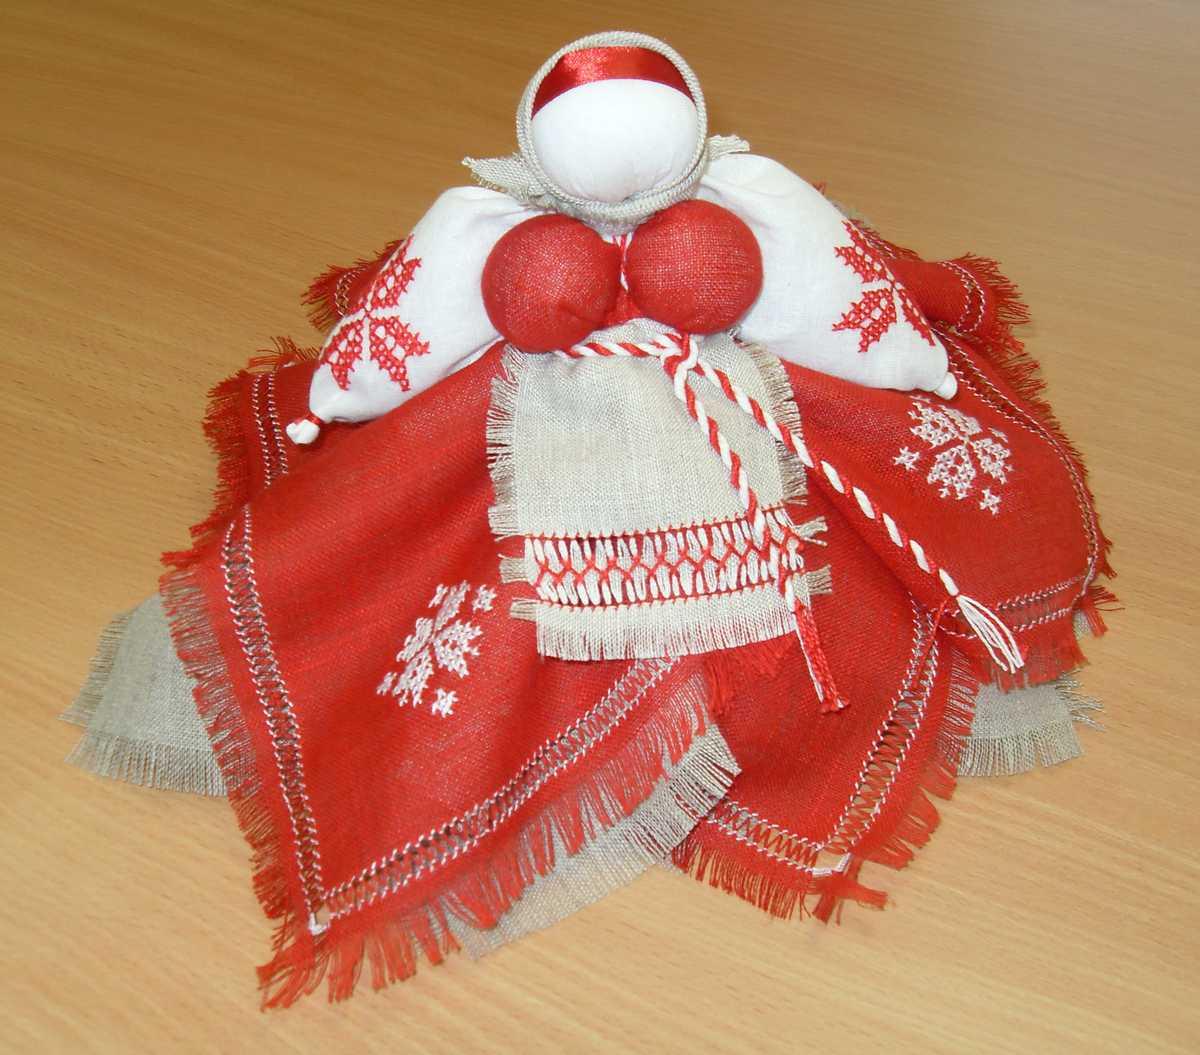 Осенние куклы, рябинка. «кукла рябинка». мастер-класс кукла как сохранение родовой памяти